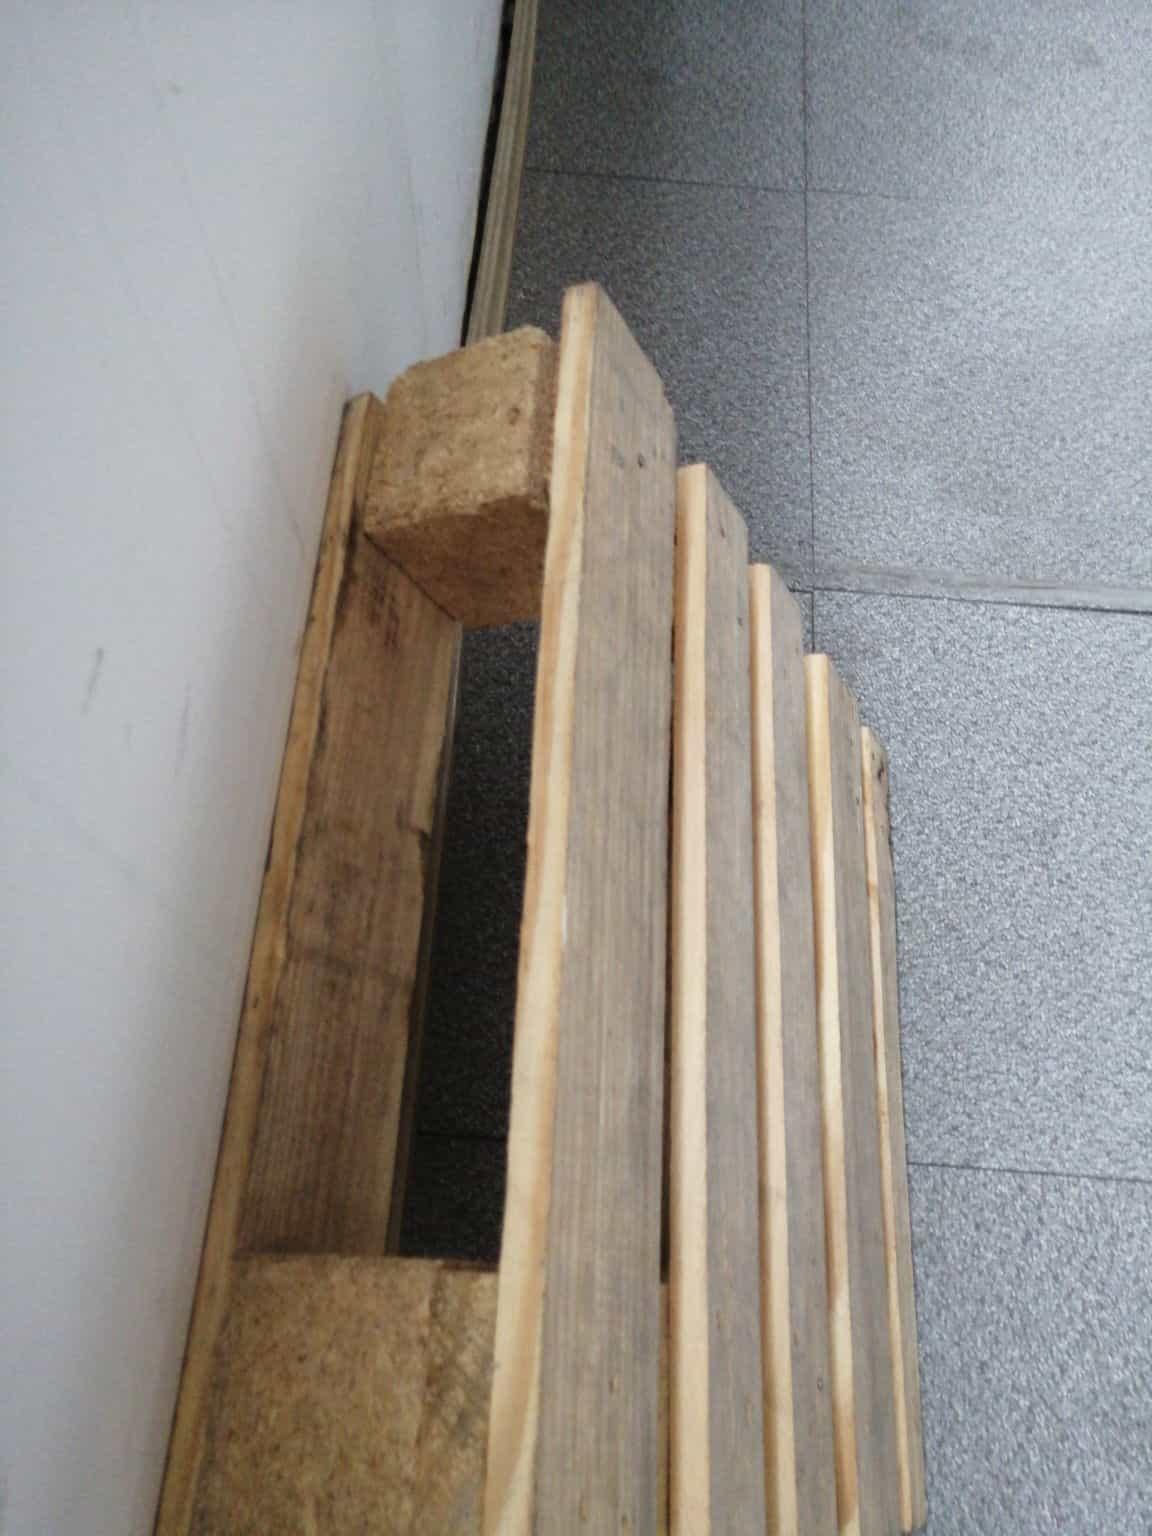 内蒙古木托盘使用标准�,㏤◐�的木托盘设计、机械�,㏢❤�的木托盘